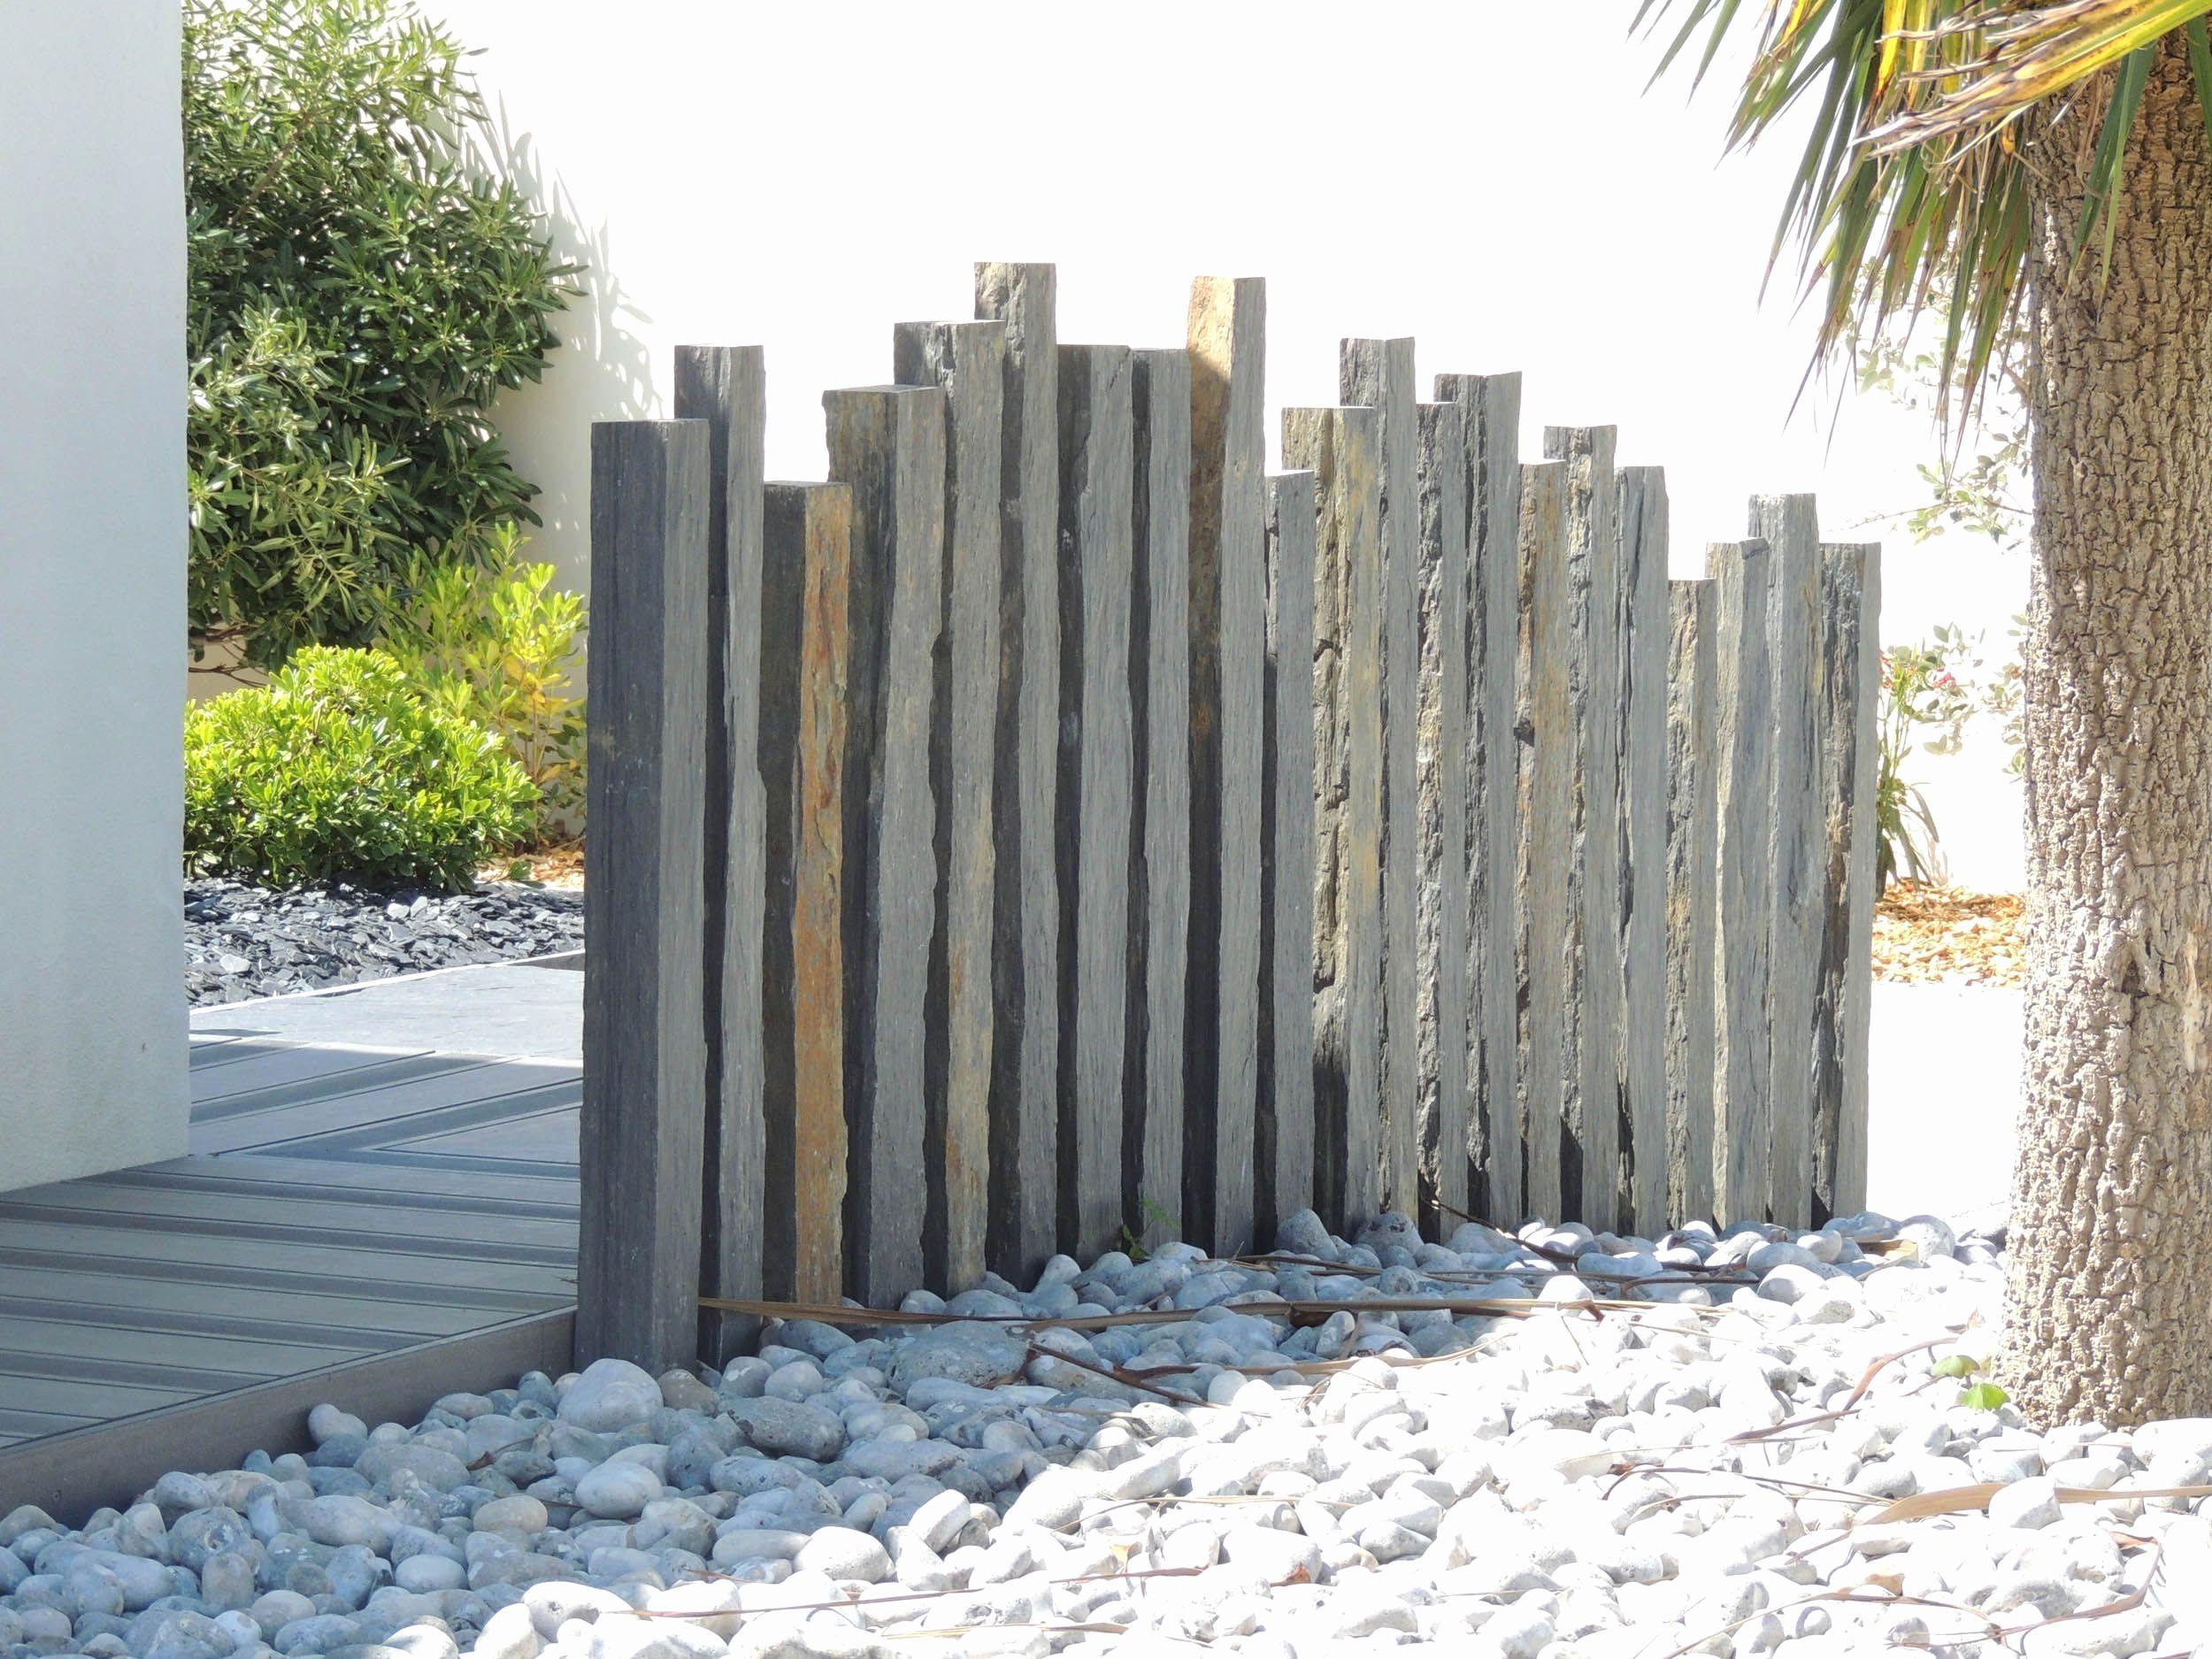 Piquet En Ardoise Bois Jardin piquet ardoise jardin génial palissades de jardin en bois